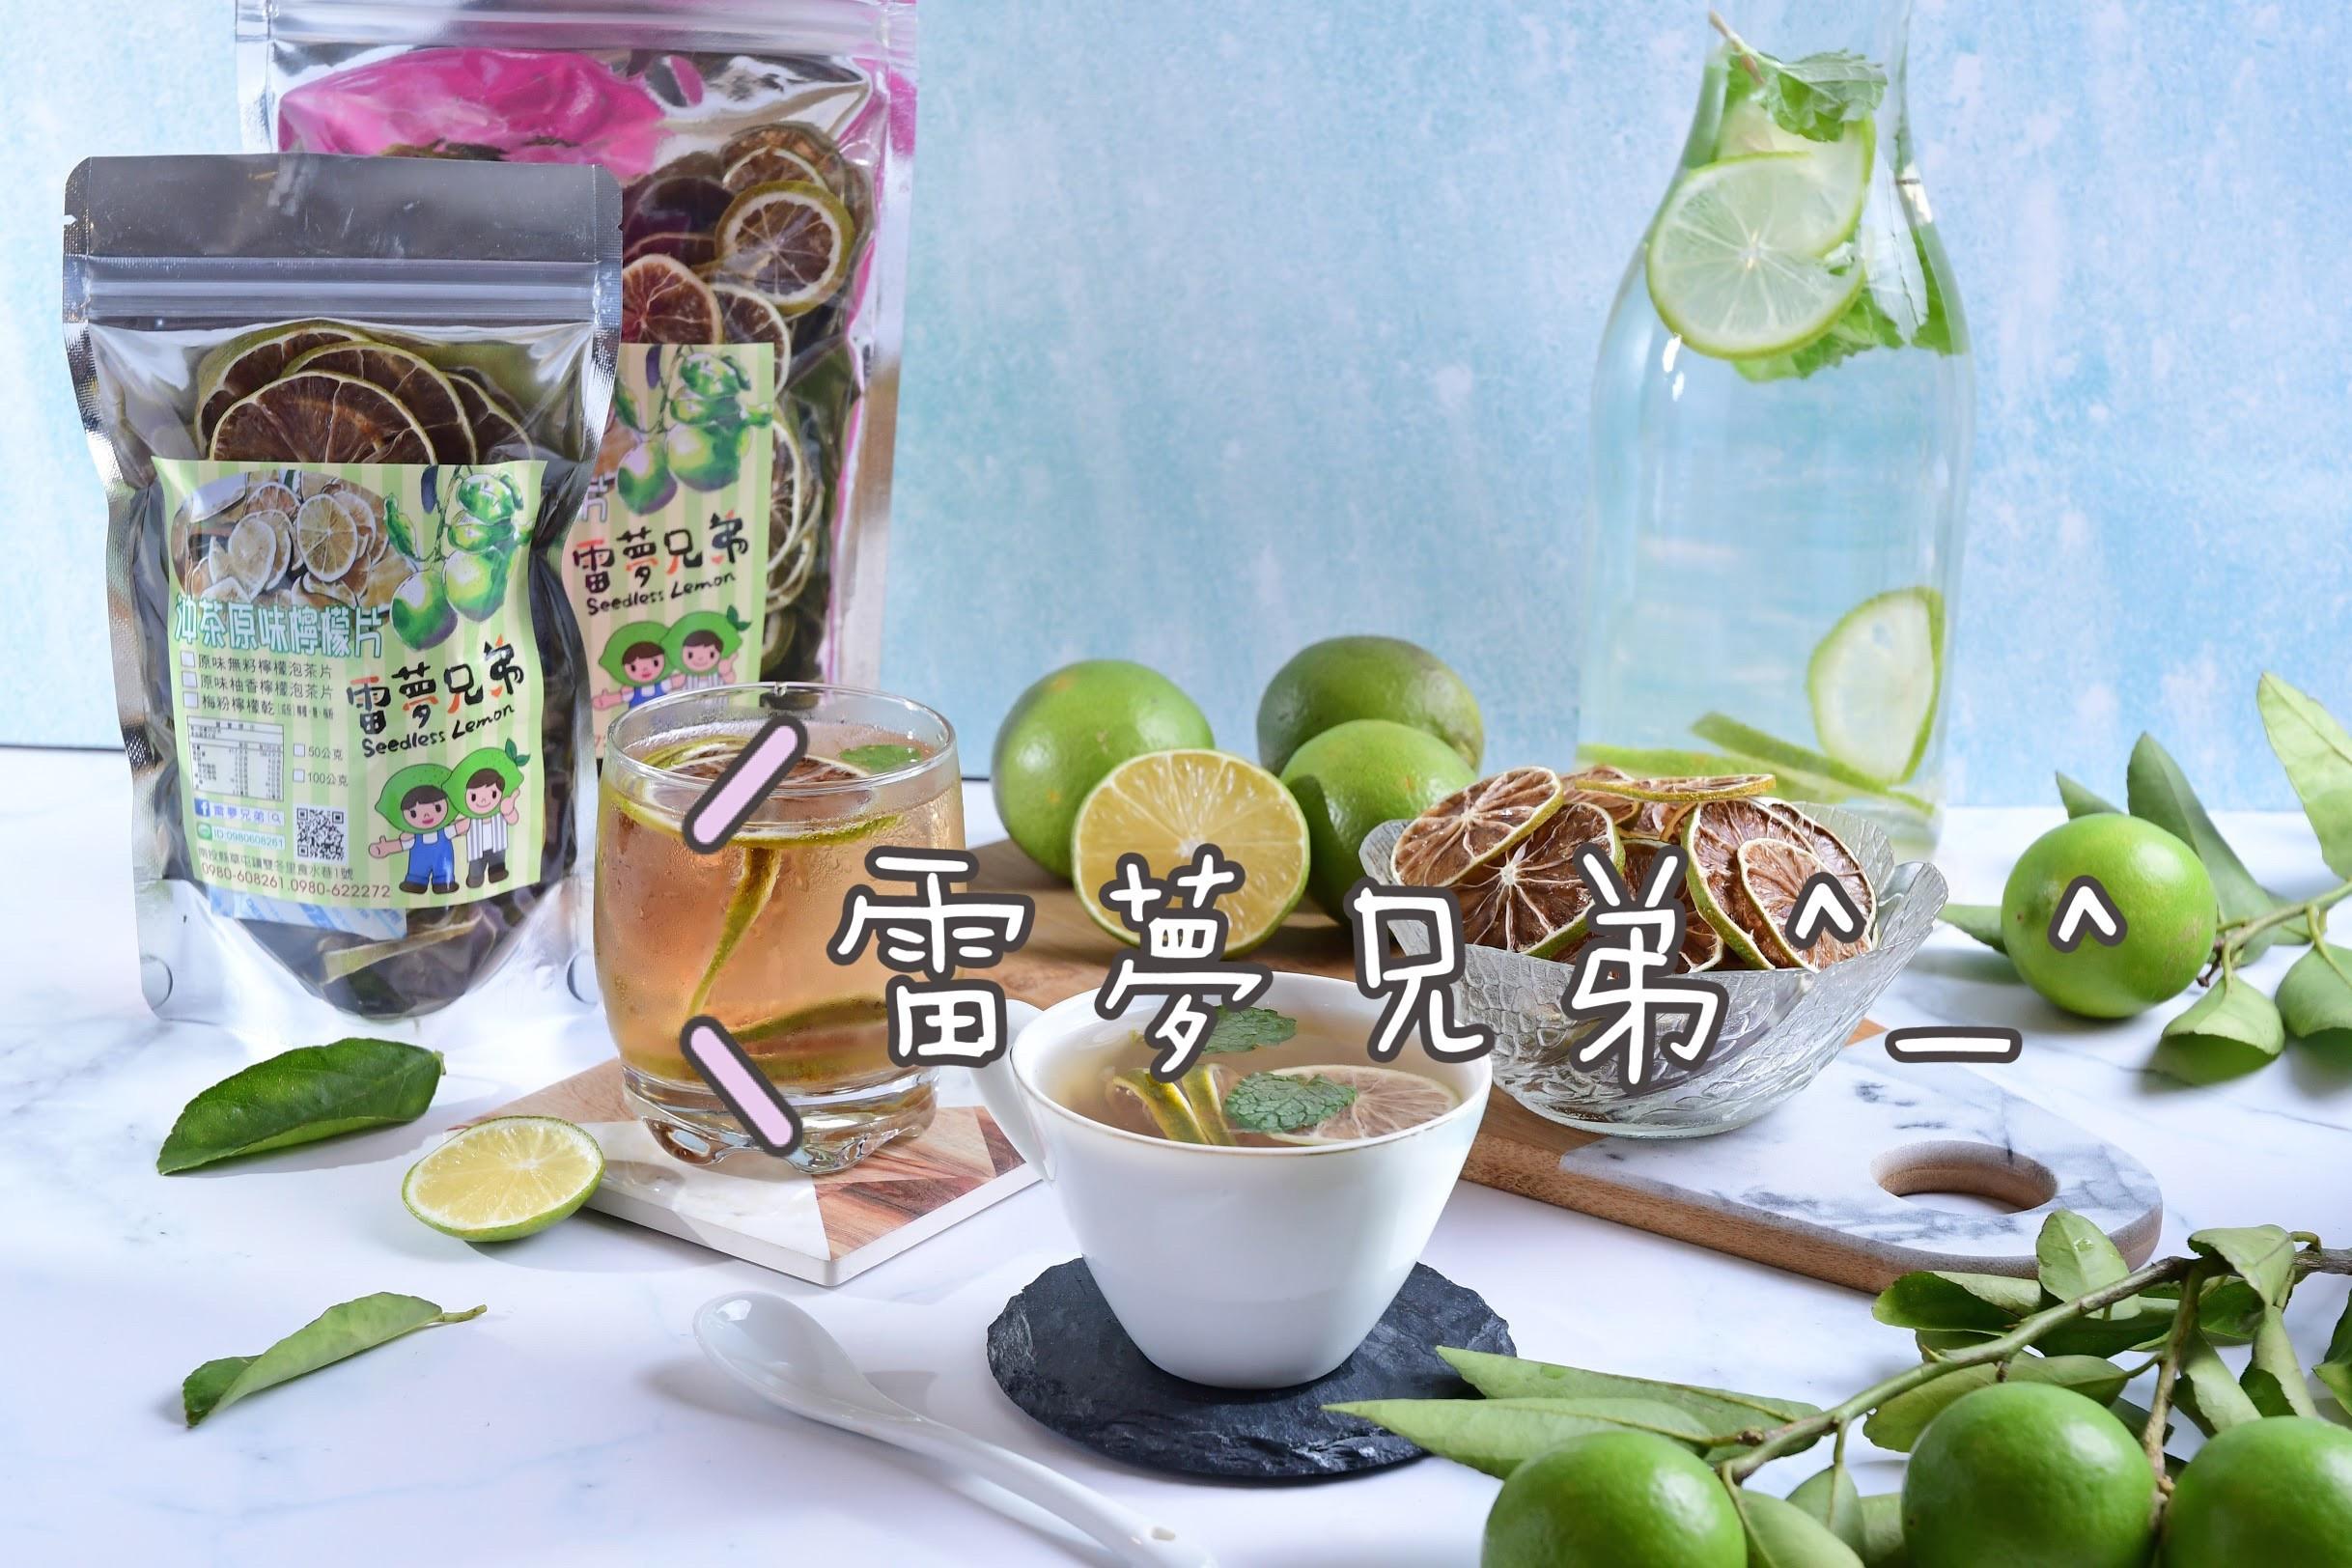 原味檸檬片   無籽檸檬乾   泡茶零嘴50克(小包)